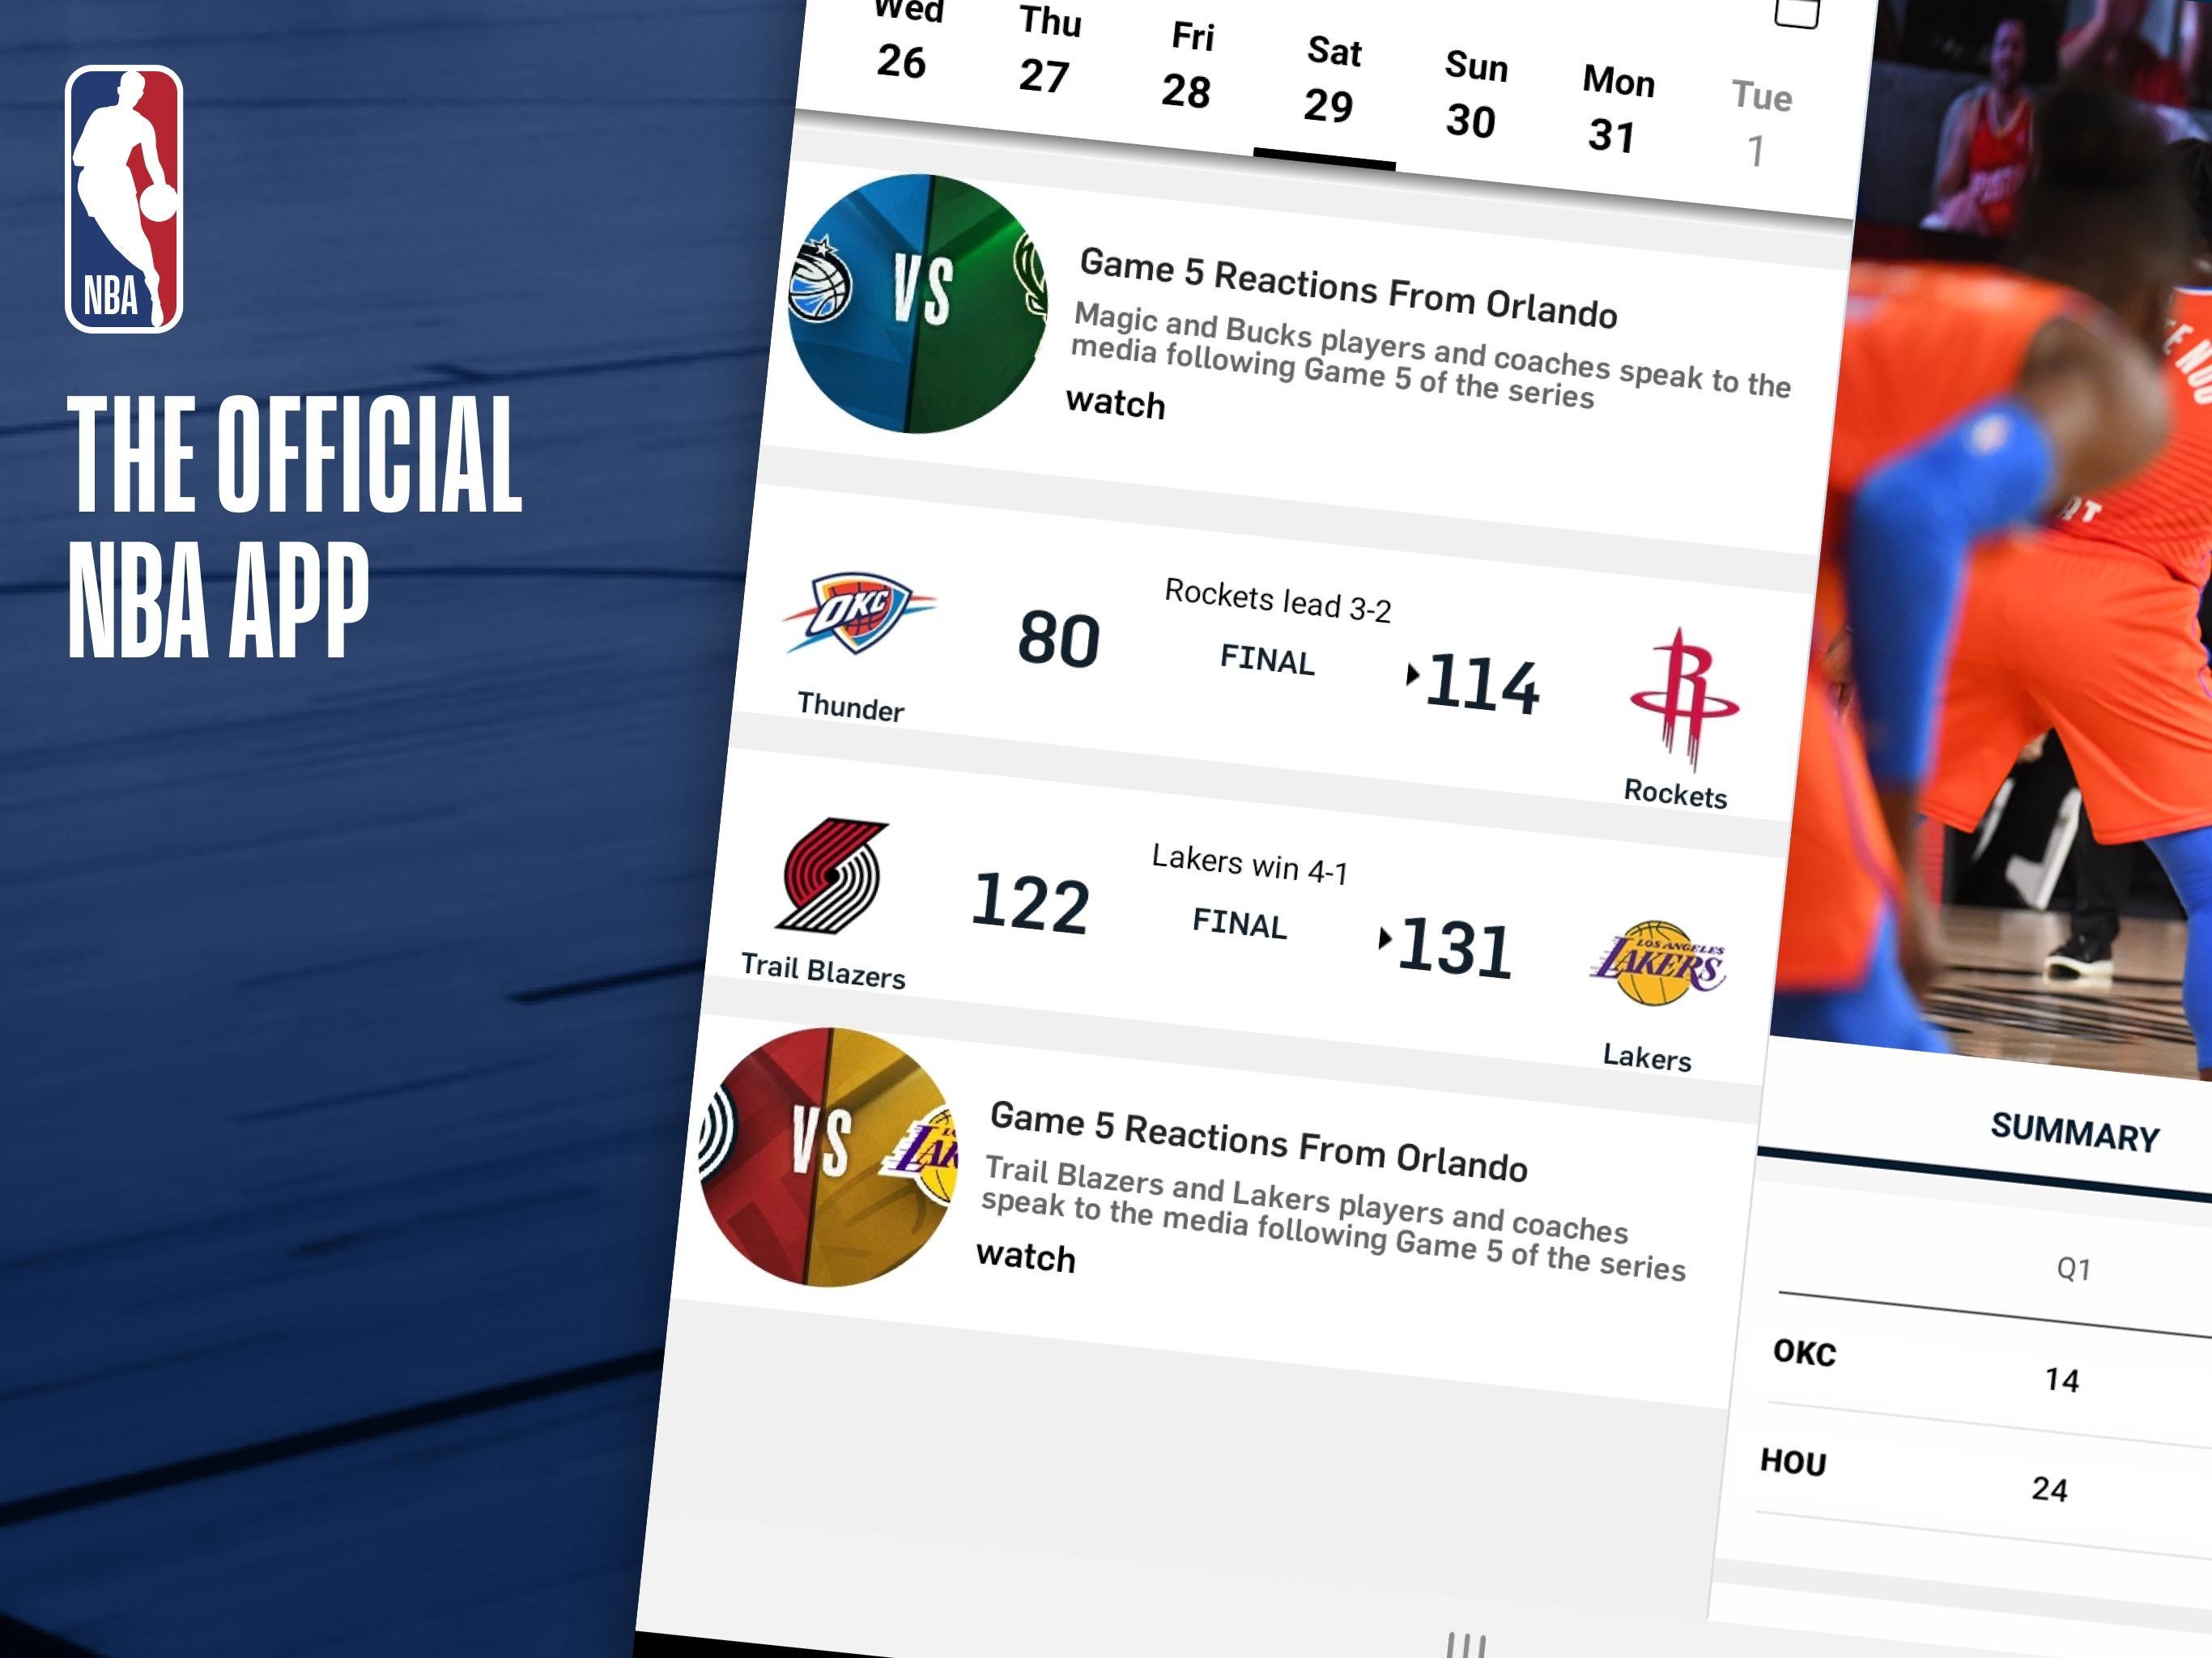 NBA Live Games & Scores 10.1103 Screenshot 7